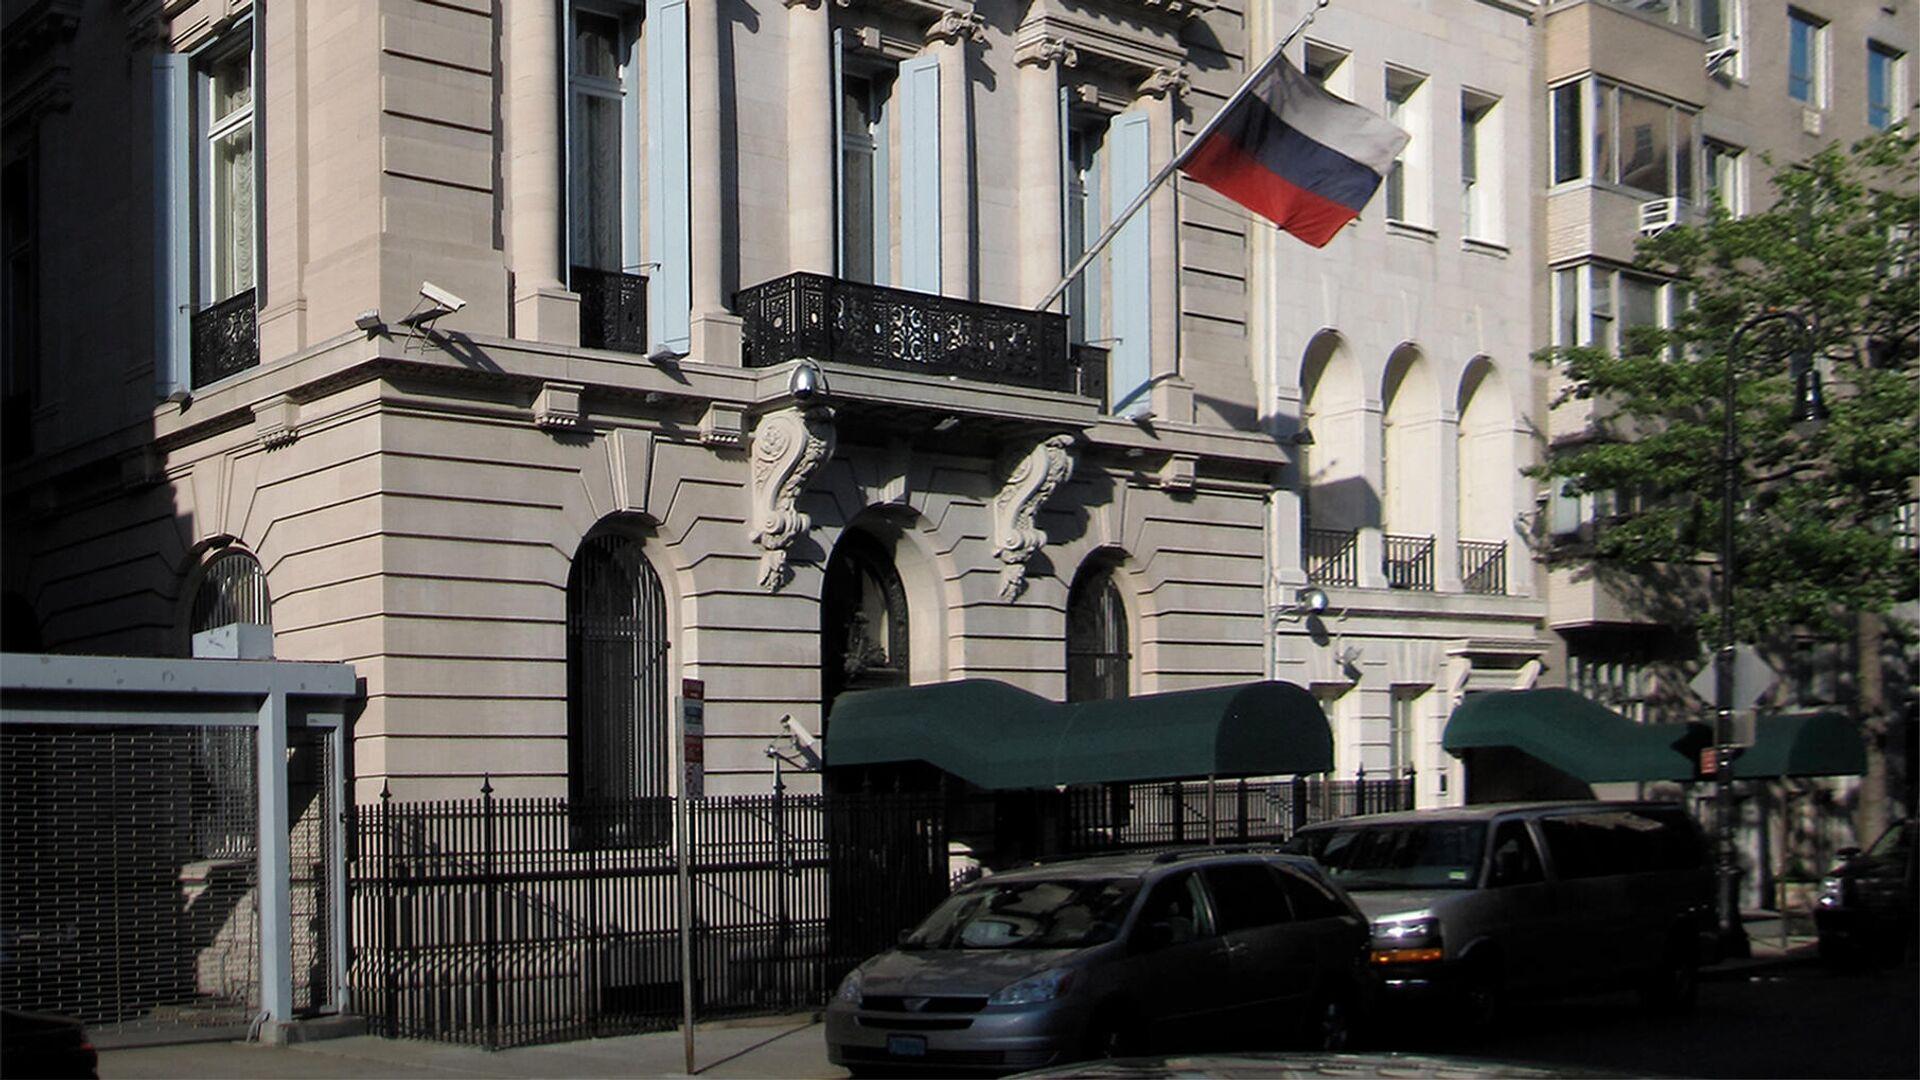 Здание Генерального консульства России в Нью-Йорке - РИА Новости, 1920, 20.01.2021